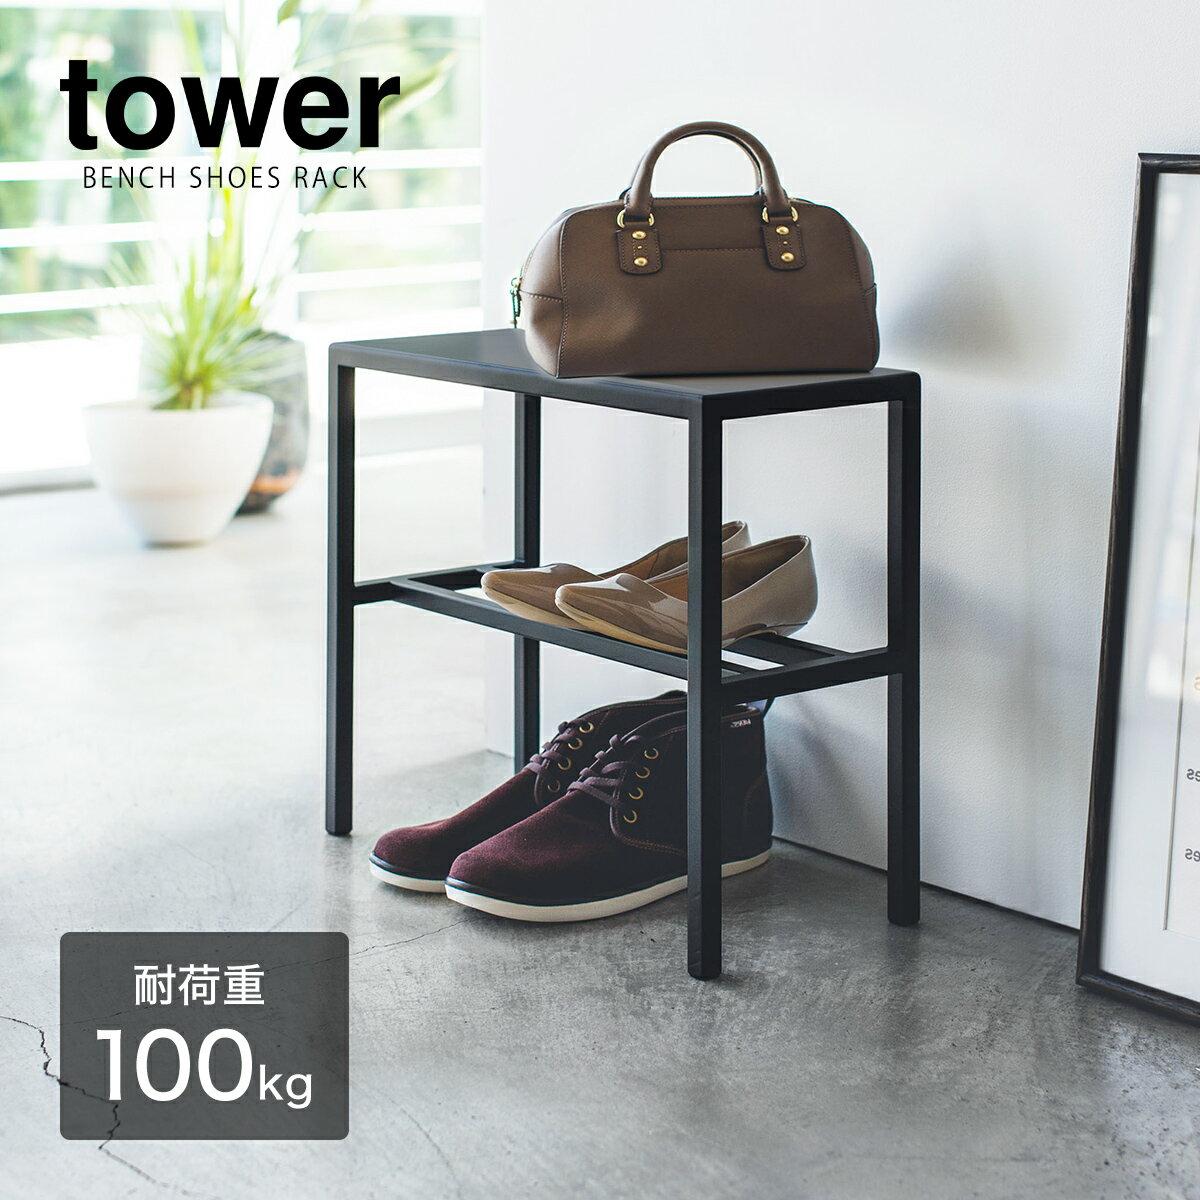 日本Tower  /  居家生活  /  玄關簡約鞋靴收納架 鞋架  /  roomy-ymz19jan24h29  /  日本必買 日本樂天直送(7294) /  件件含運 0